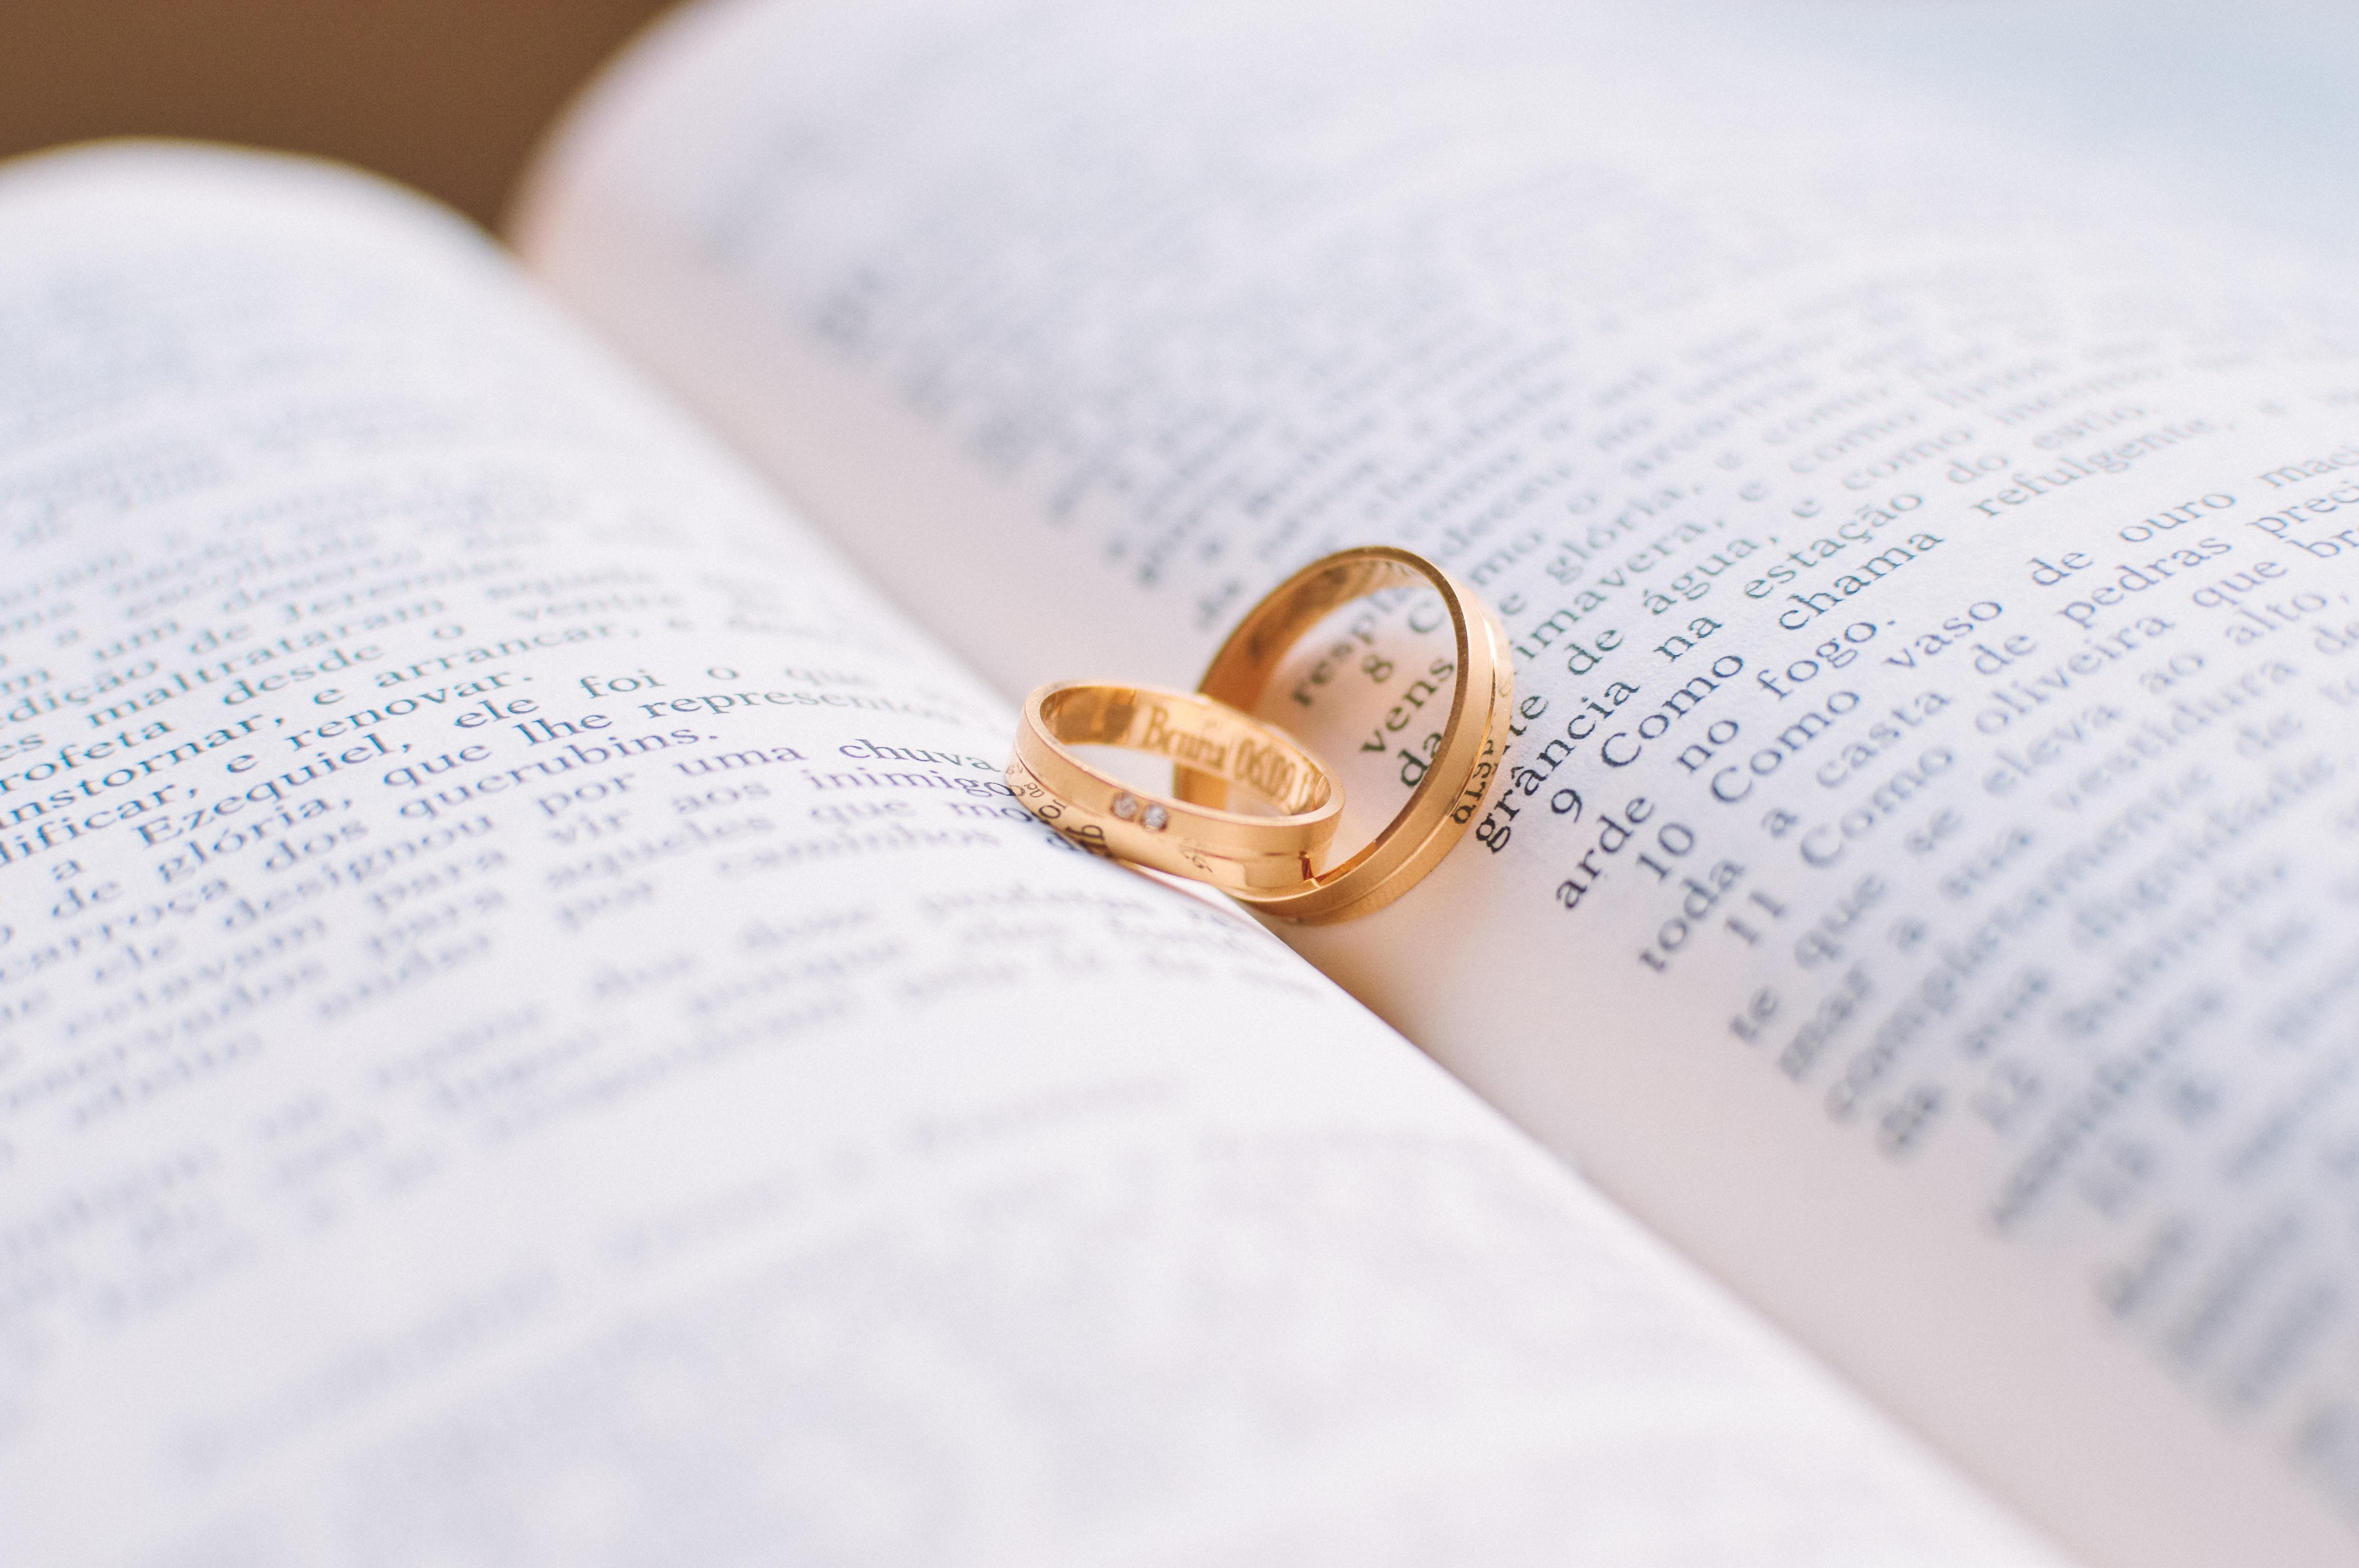 110241 скачать обои Свадьба, Кольца, Любовь, Пара, Книга - заставки и картинки бесплатно